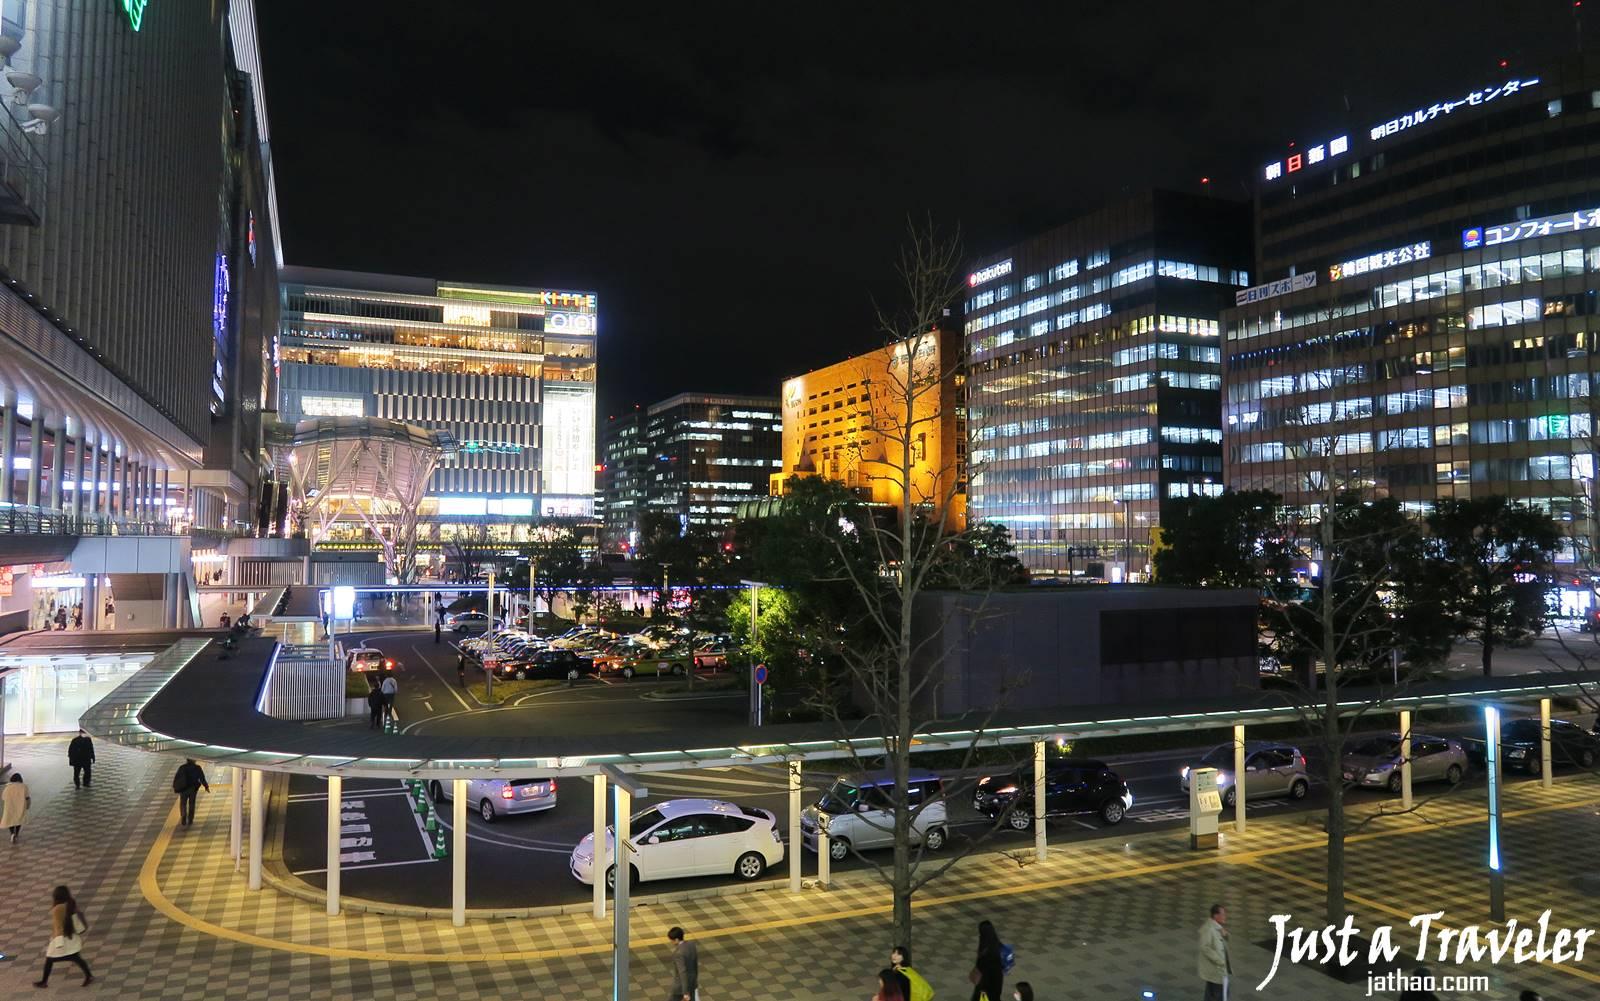 福岡-景點-推薦-福岡好玩景點-博多-福岡必玩景點-福岡必去景點-福岡自由行景點-攻略-市區-郊區-福岡觀光景點-福岡旅遊景點-福岡旅行-福岡行程-Fukuoka-Tourist-Attraction